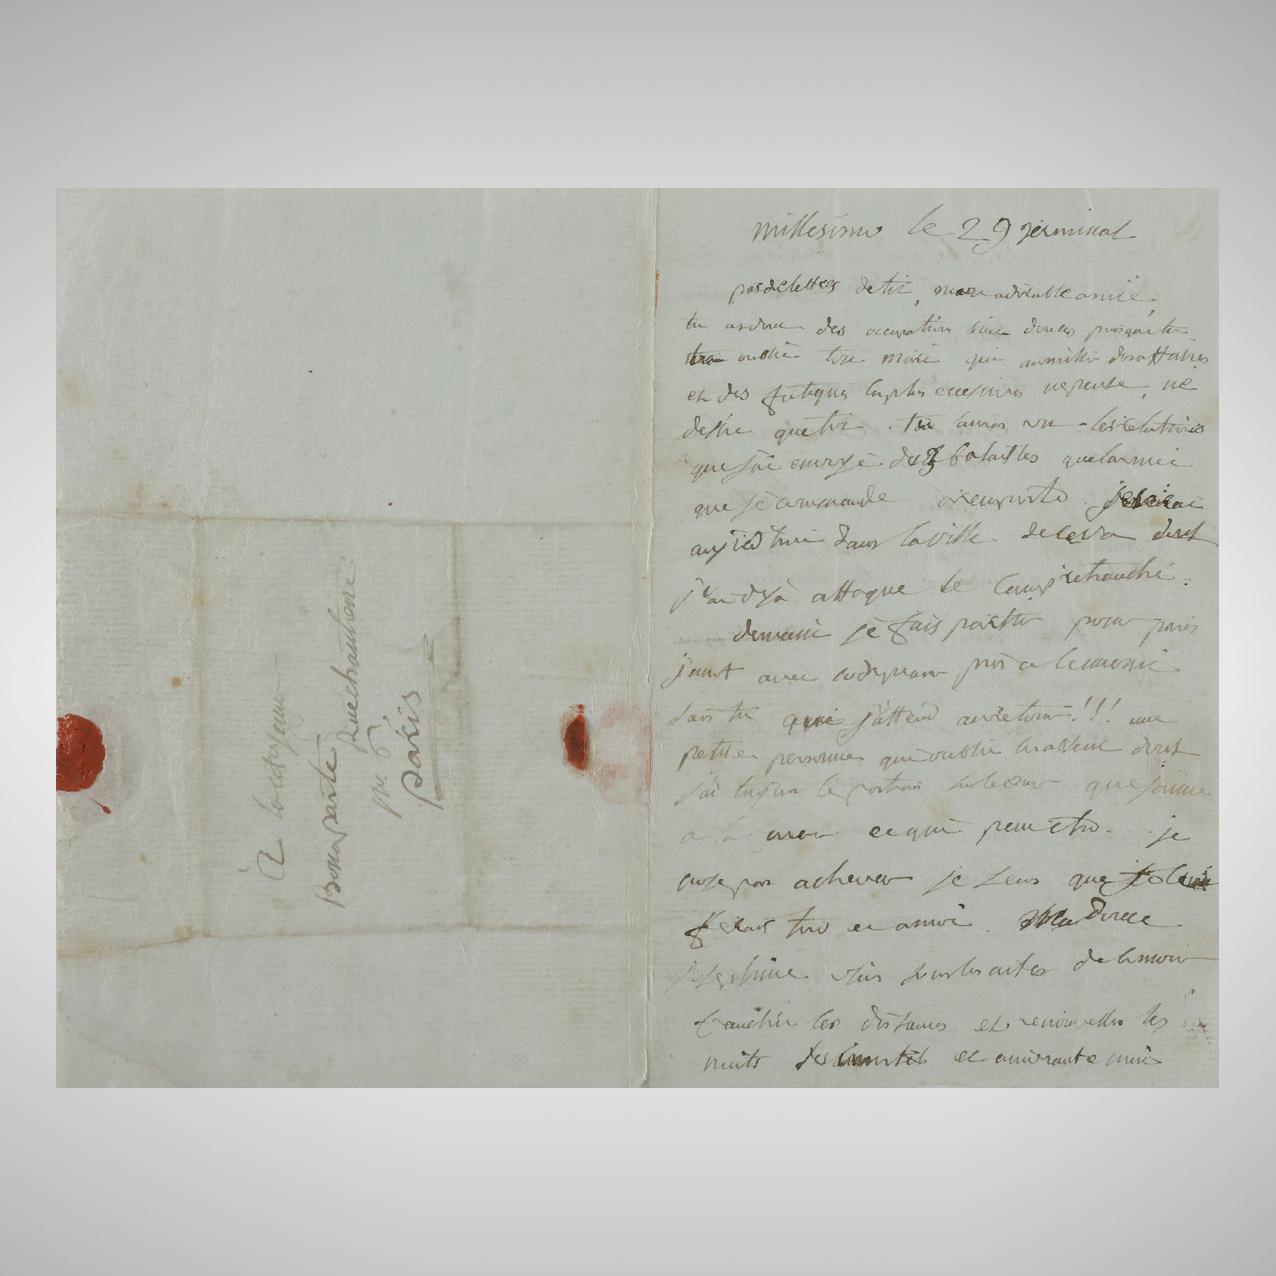 221000€ Napoléon Bonaparte(1769-1821) à Joséphine, lettre d'amour rédigée à Millesimo durant la campagne d'Italie, le 18avril 1796. Drouot, 4avri